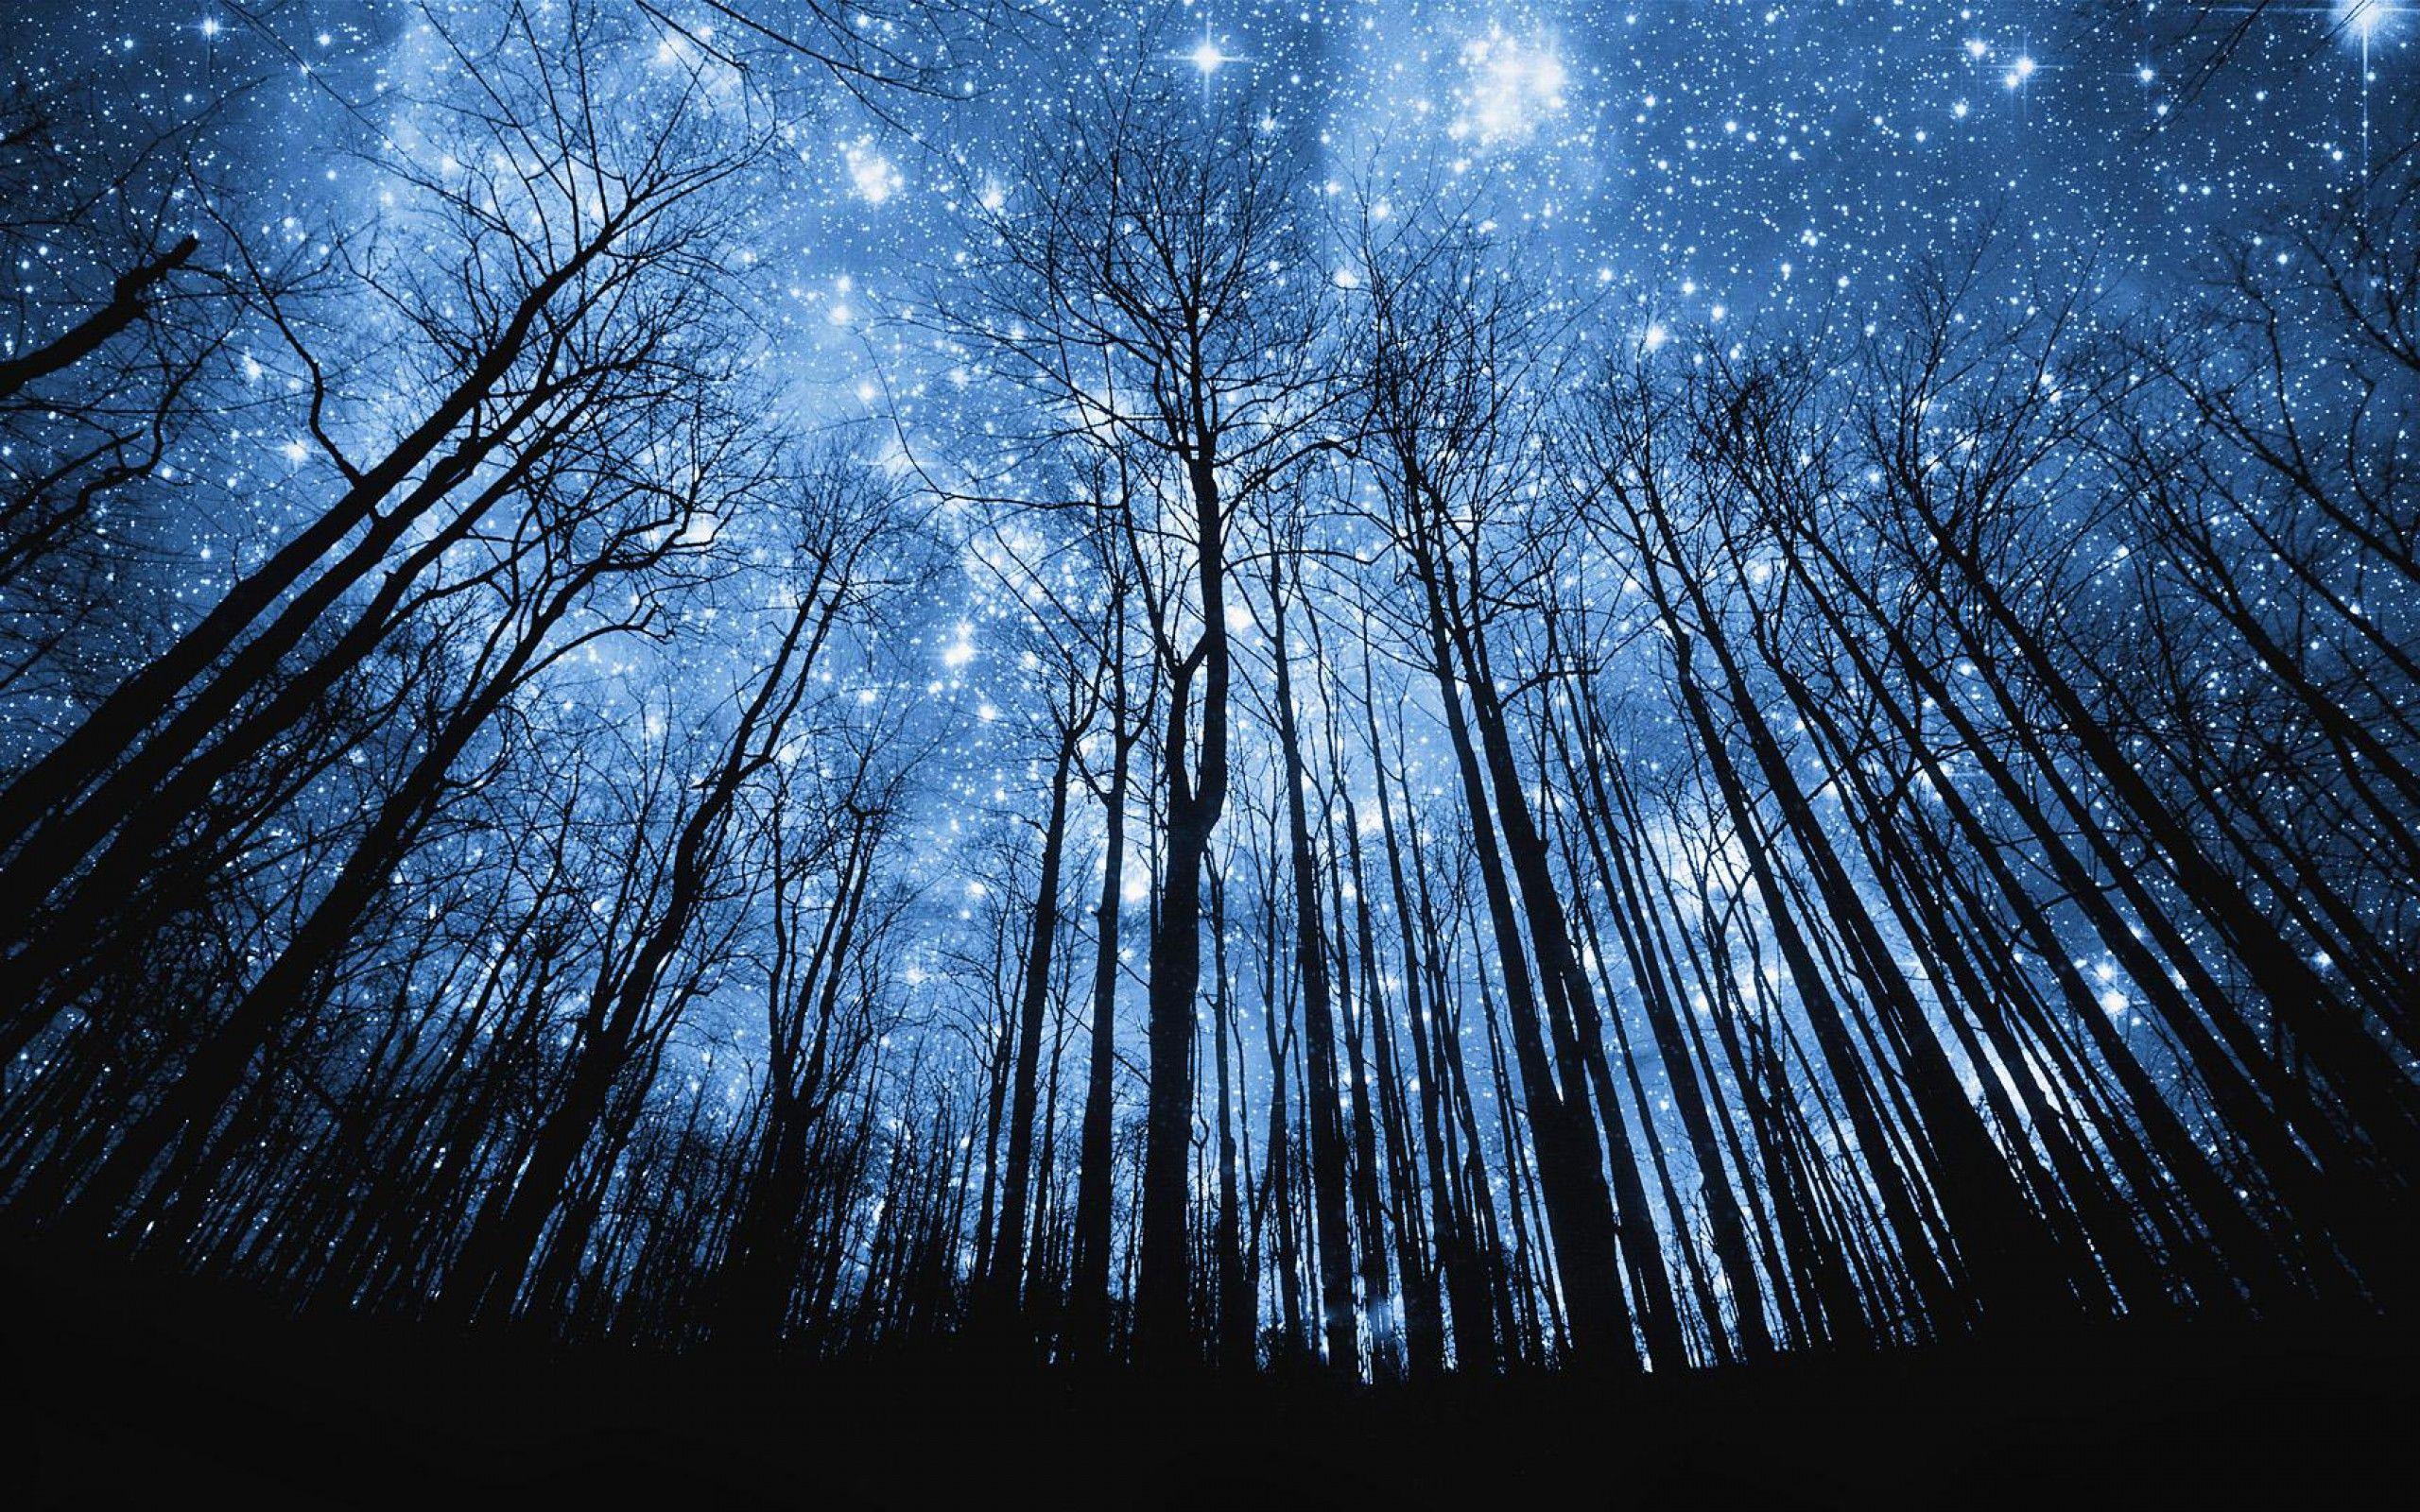 Night Sky Wallpaper Starry Night Wallpaper Starry Night Sky Cactus trees night starry sky wallpaper